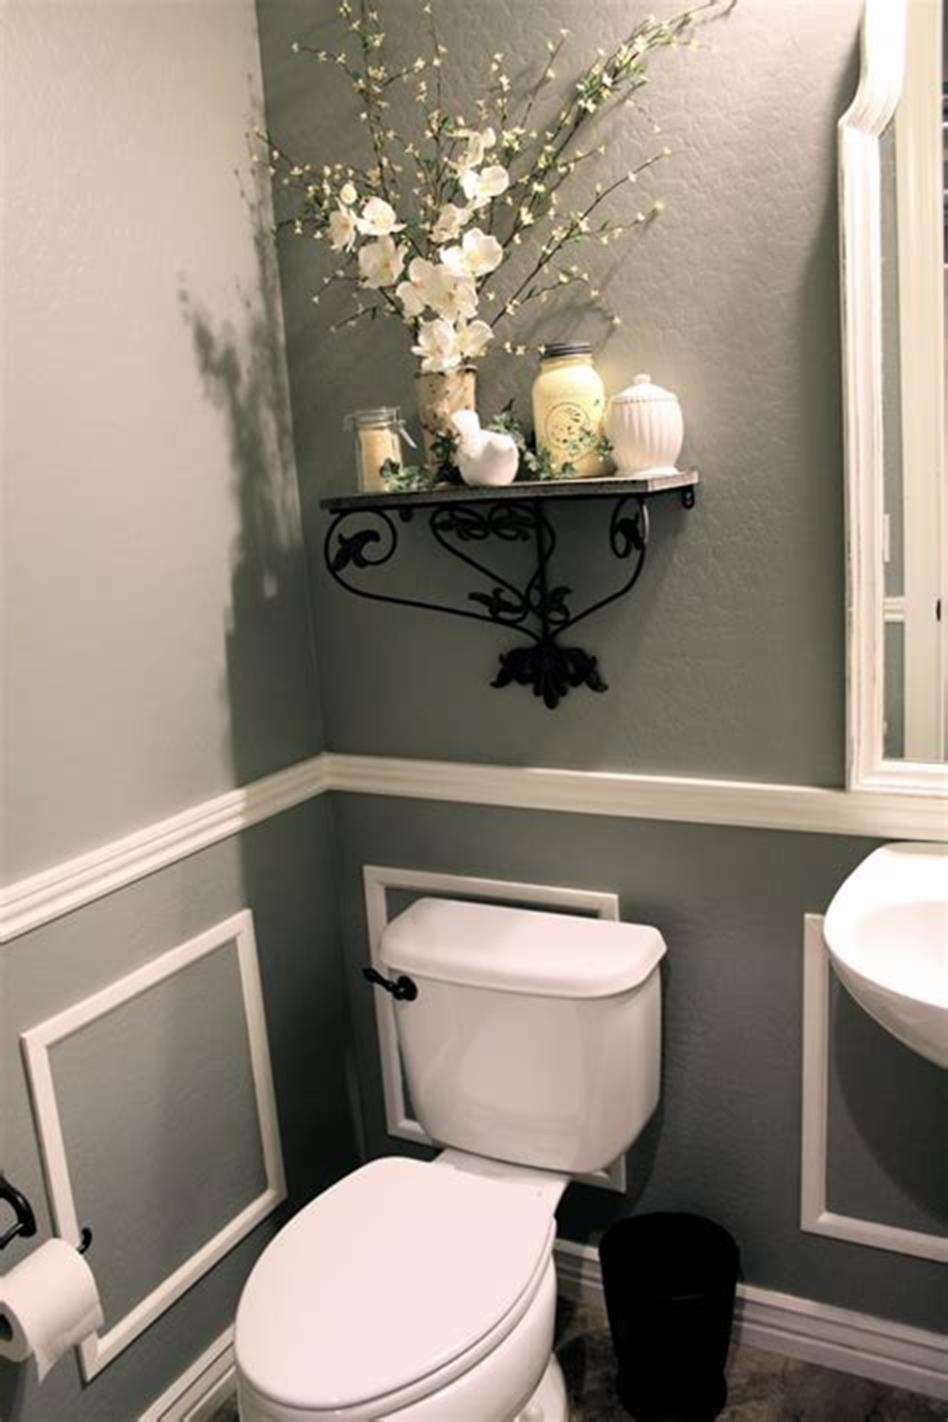 43 Cute Half Bathroom Ideas That Will Impress You 21 Homenthusiastic Half Bathroom Decor Half Bath Decor Small Half Bathrooms Half bathroom design ideas